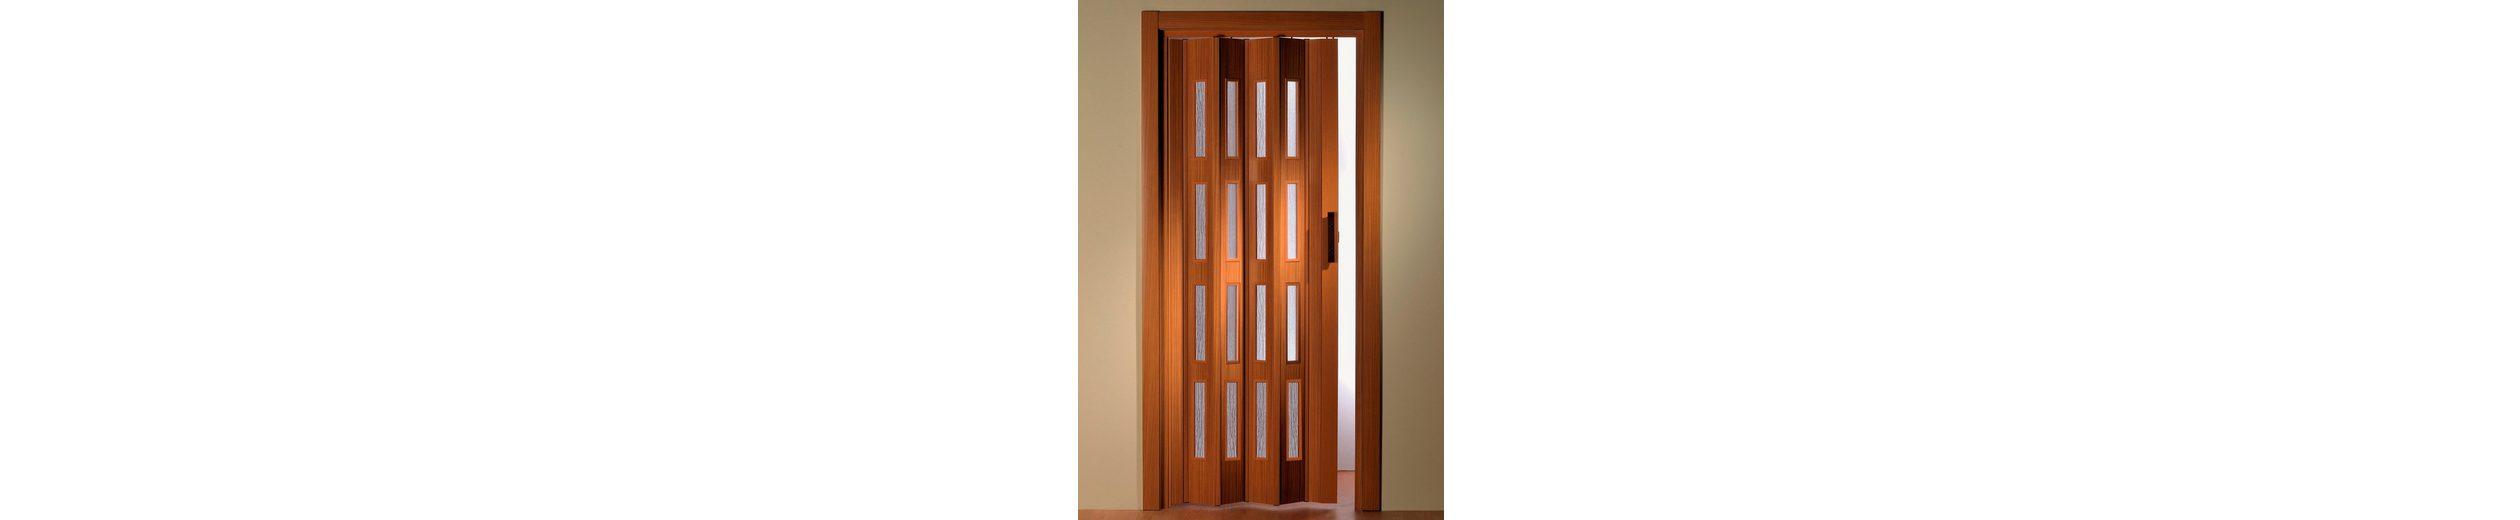 Türerweiterung für Falttür »Luciana« Höhe nach Maß, buchefarben (mit Fenster)